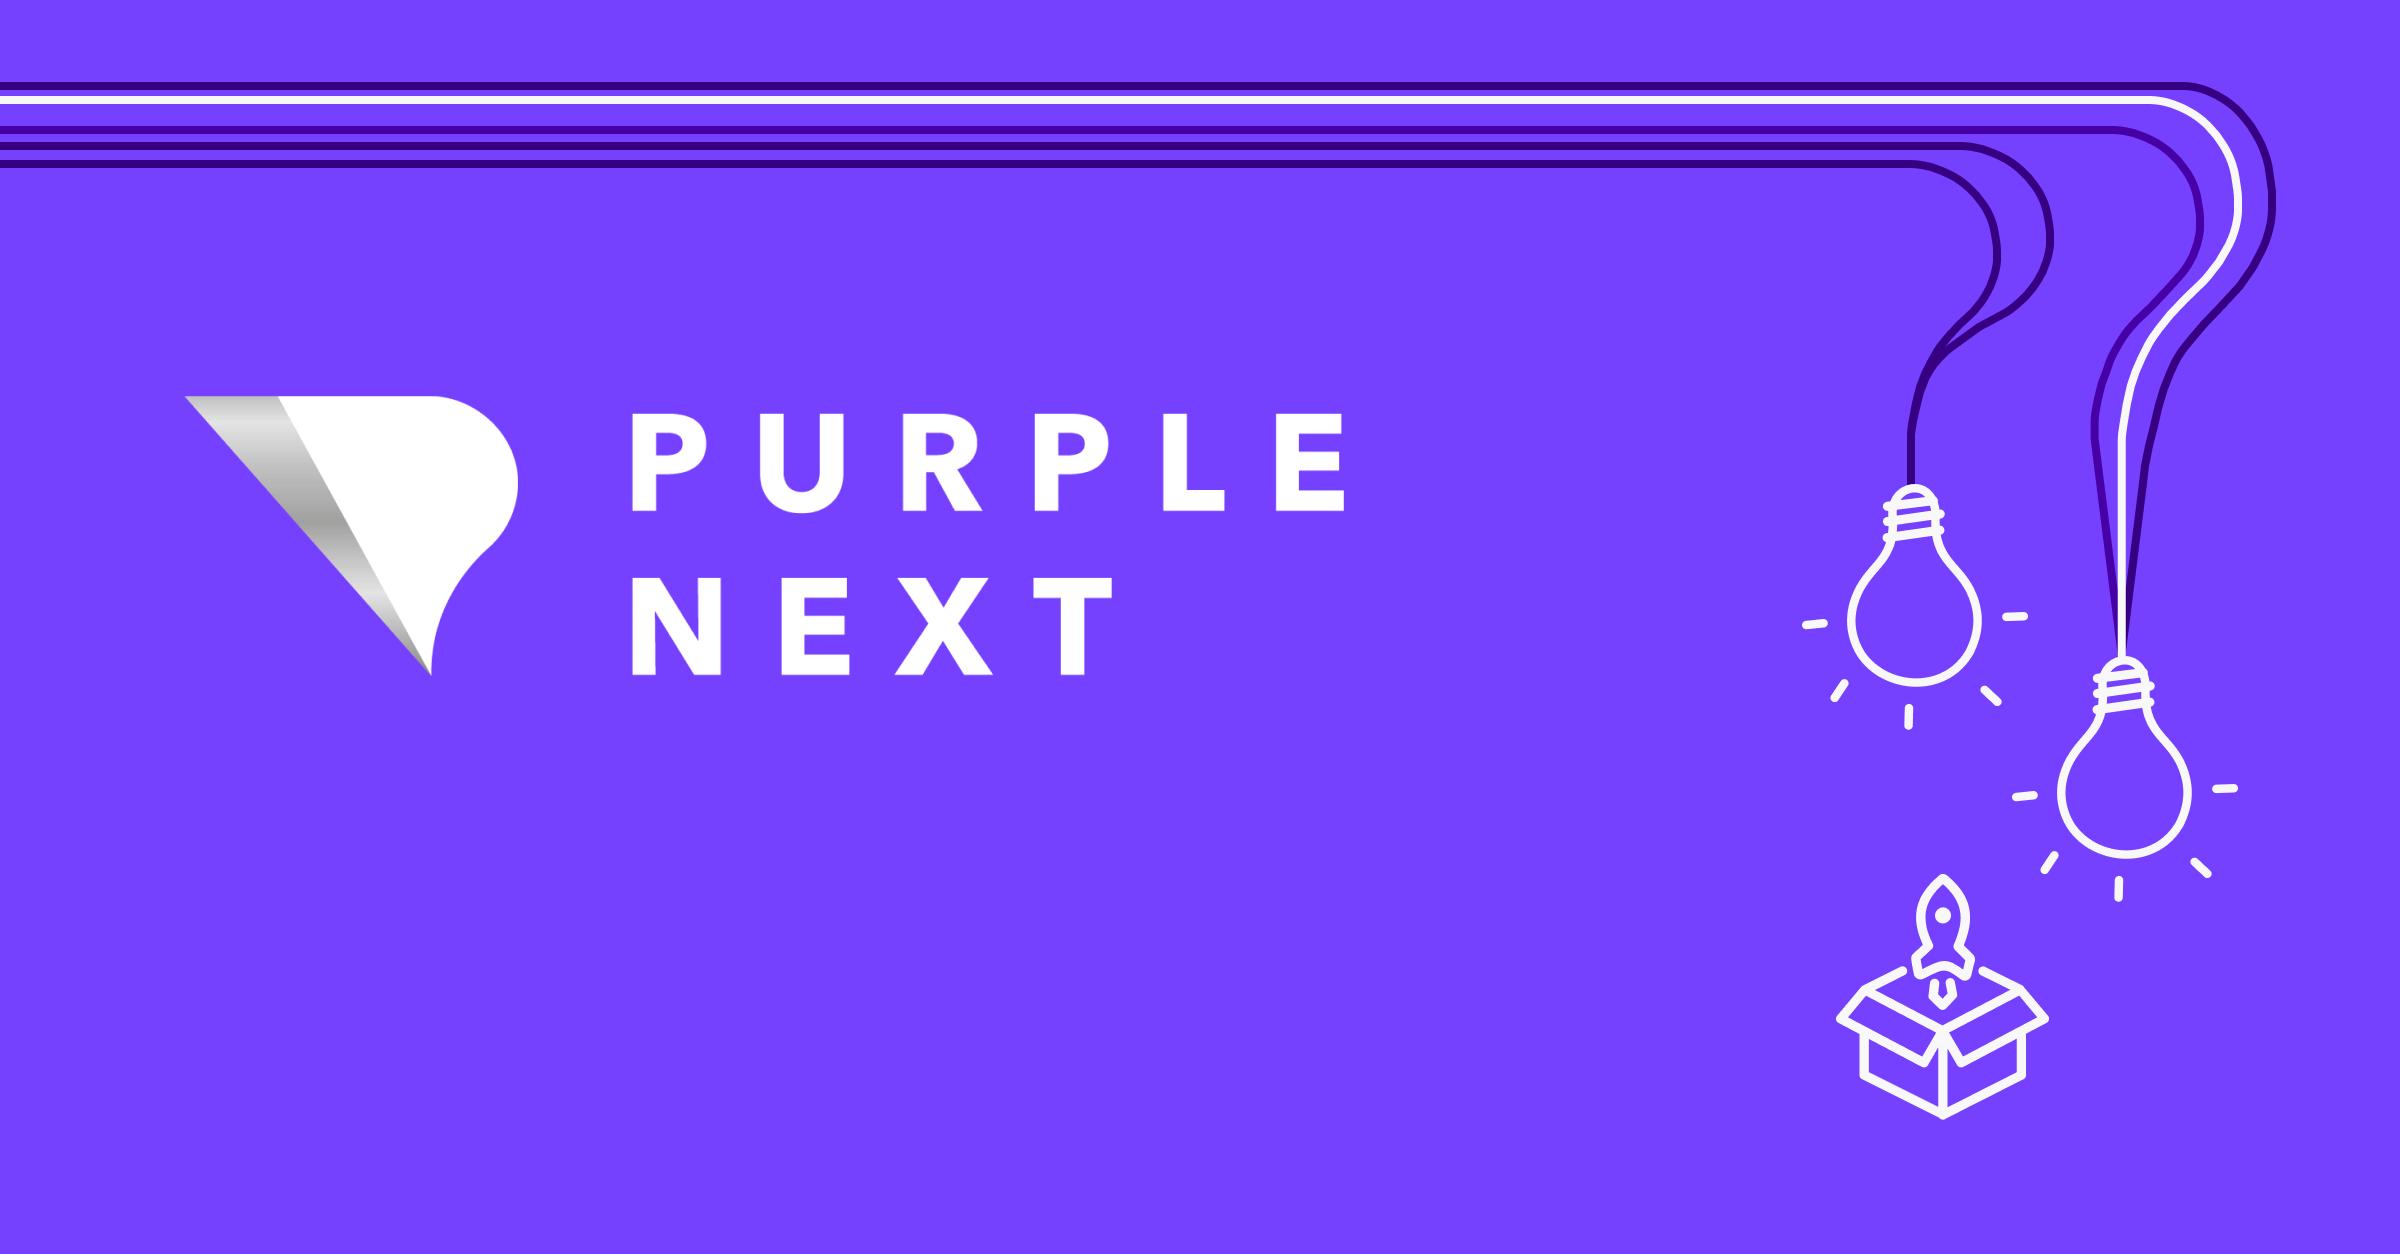 revolgy Purple Next  case study